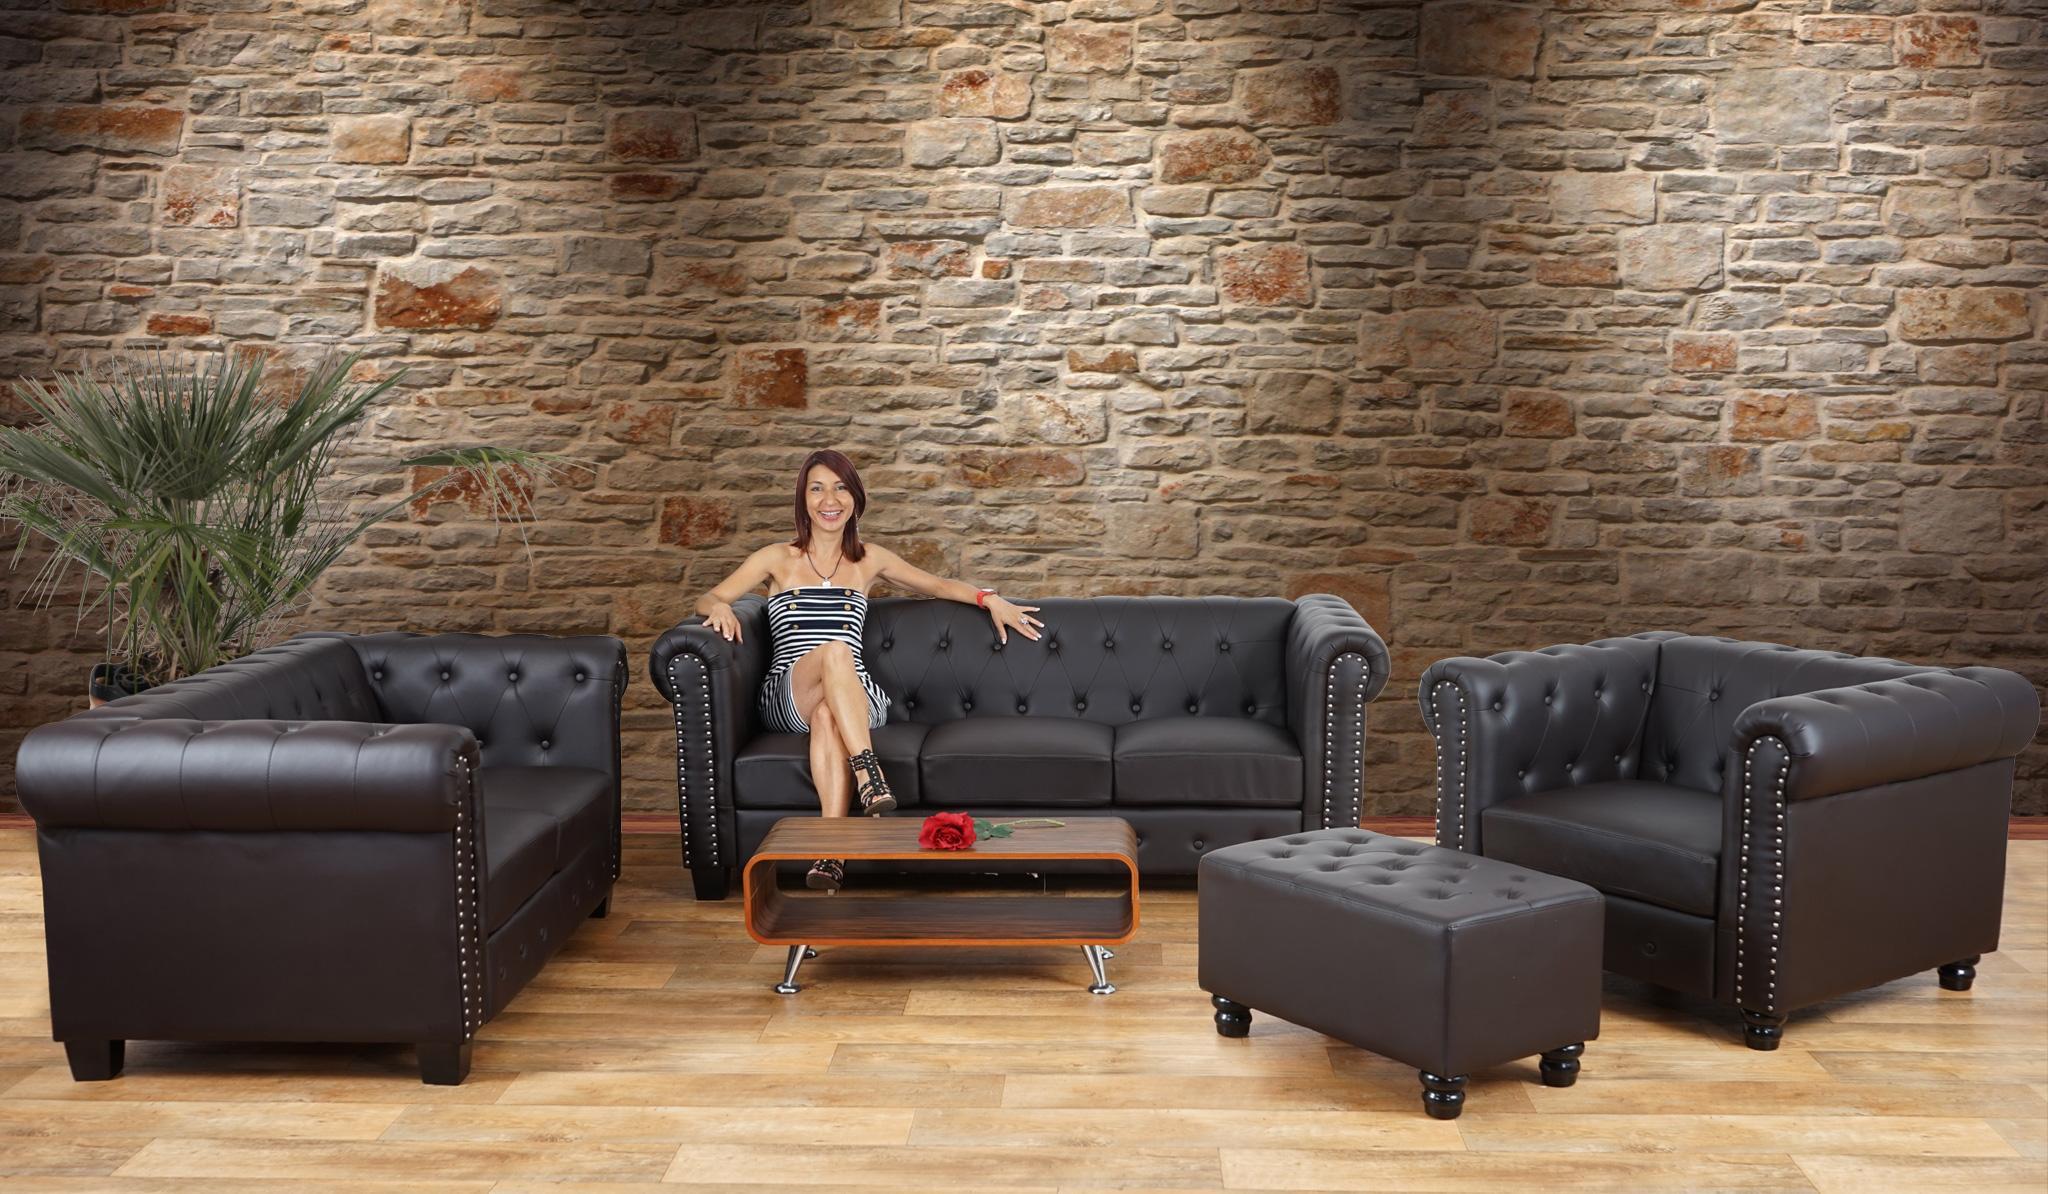 Sofa De 2 Plazas Chester Muy Elegante En Piel Color Negro Sofa